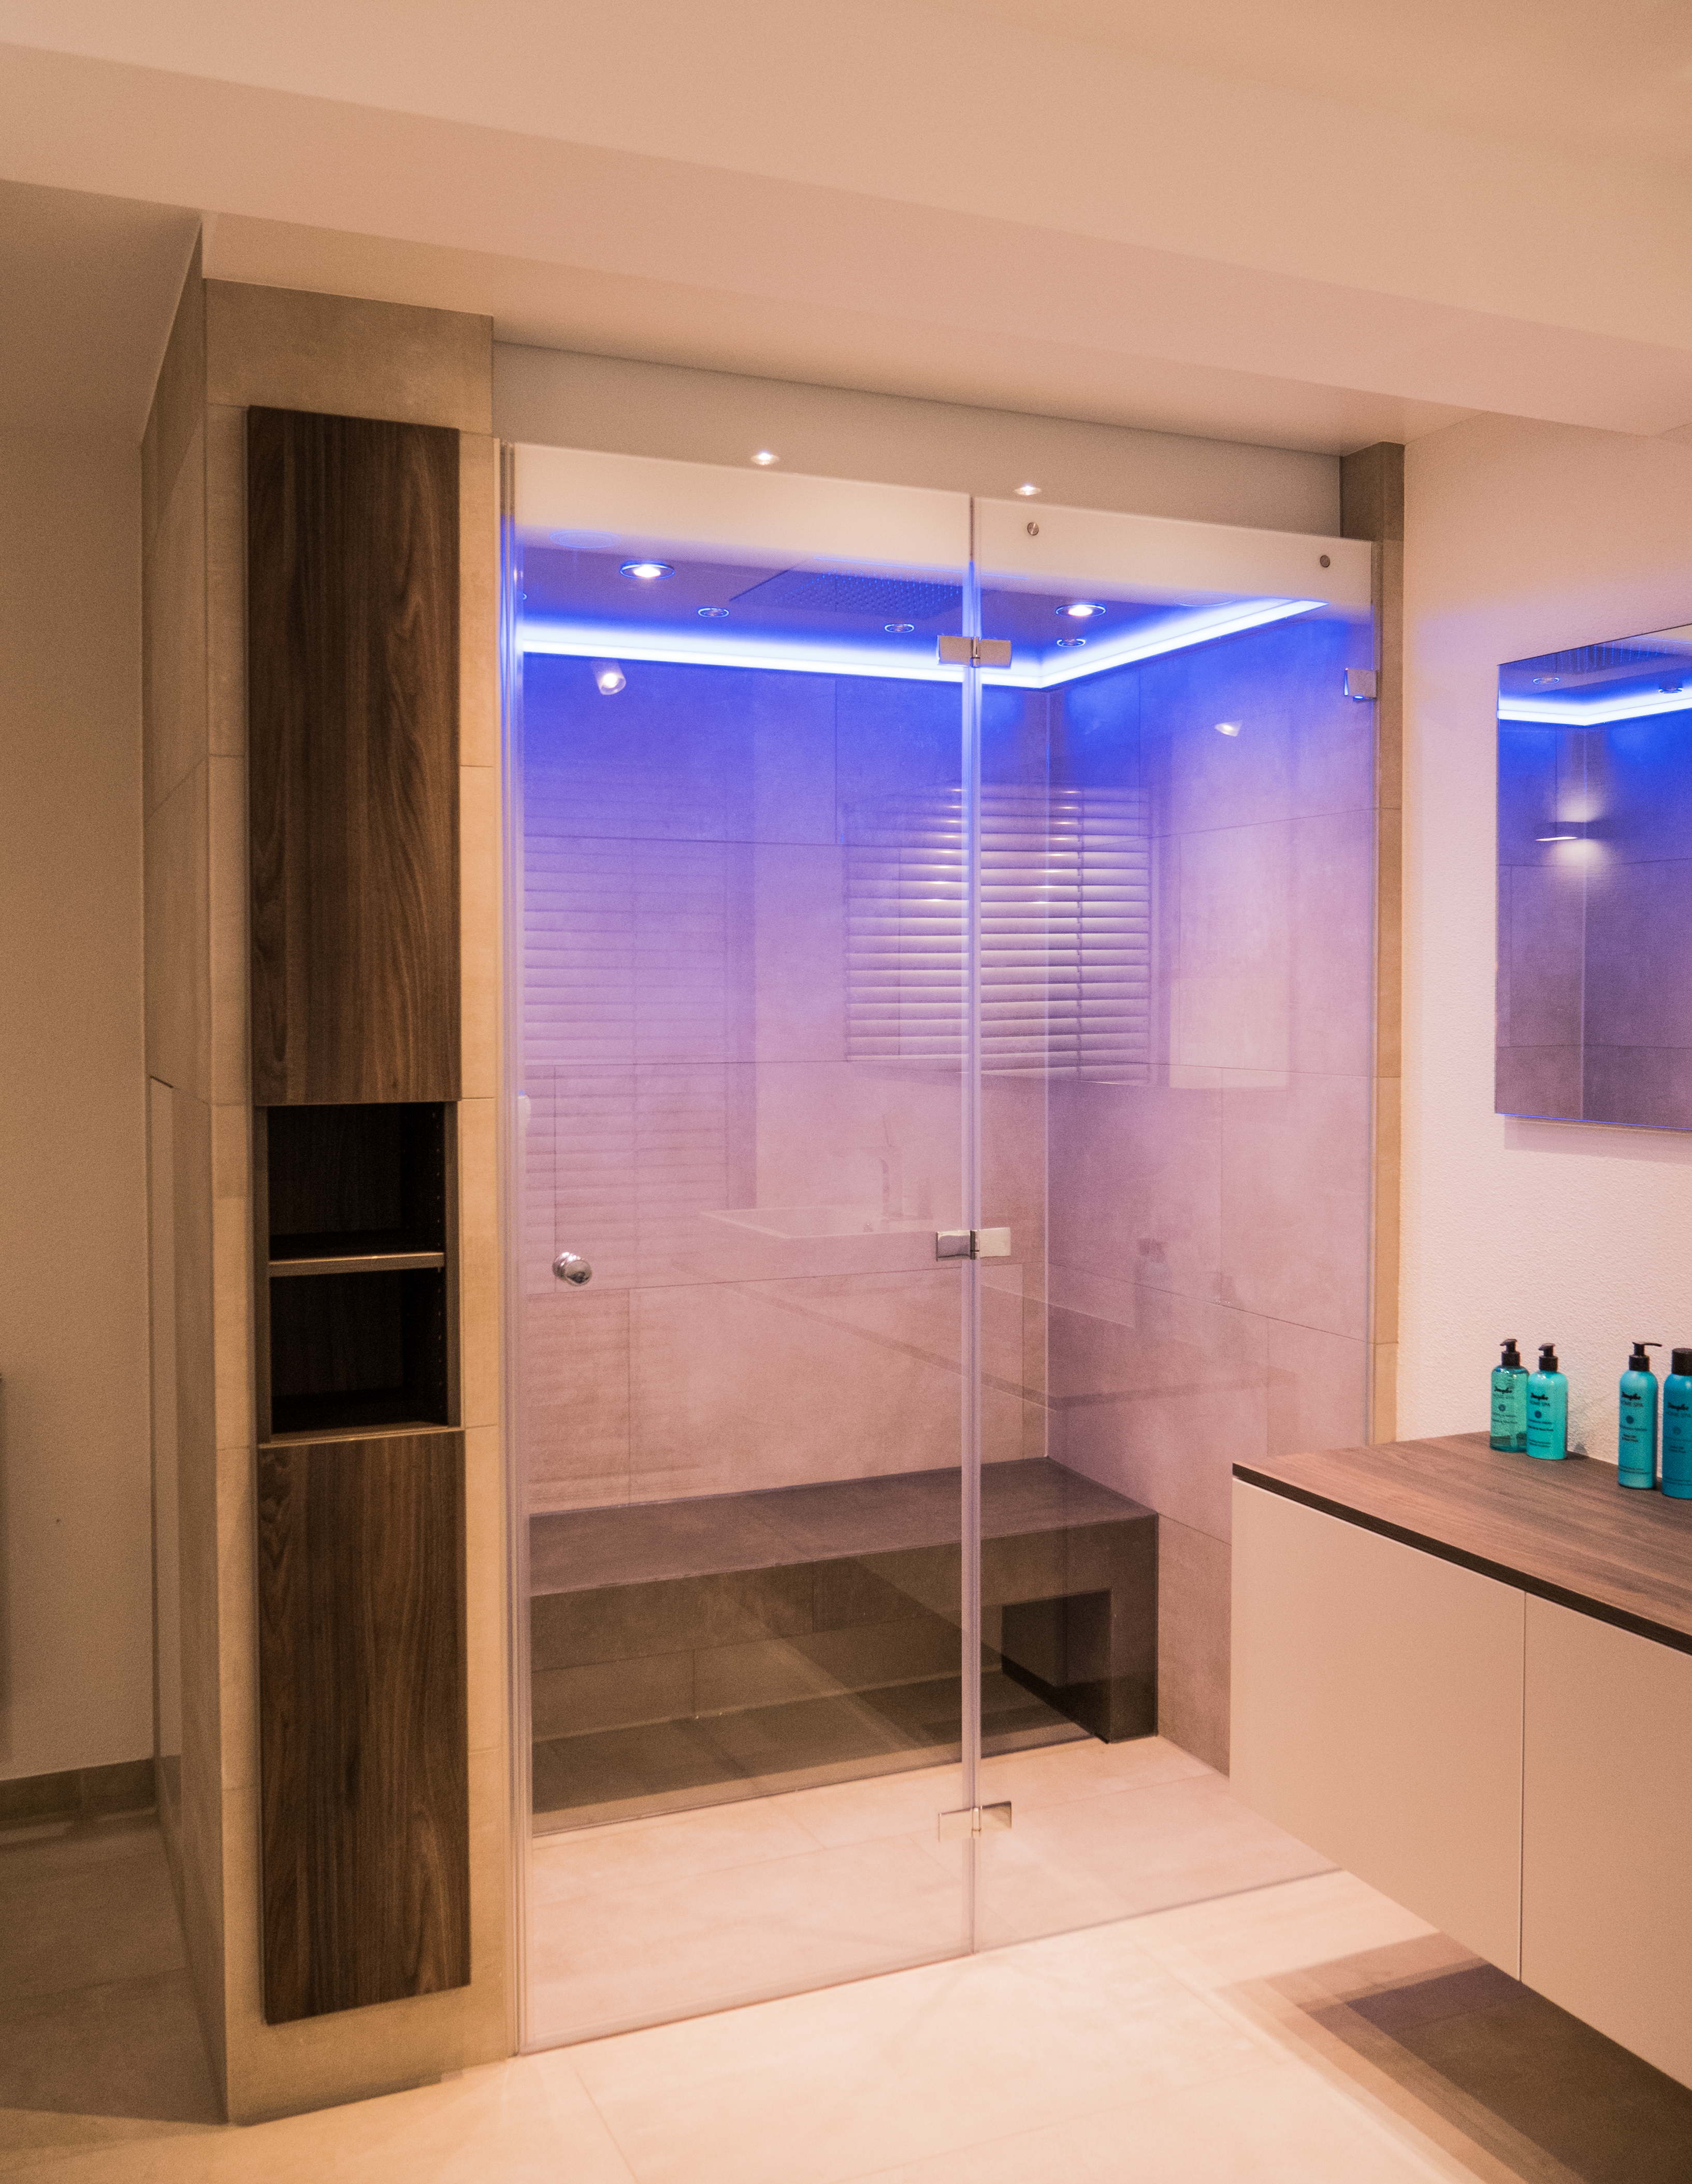 Wohnbad im Shabby-Look, großzügige bodengleiche Dusche Walk-In, Dekorfliese im Shabby-Look